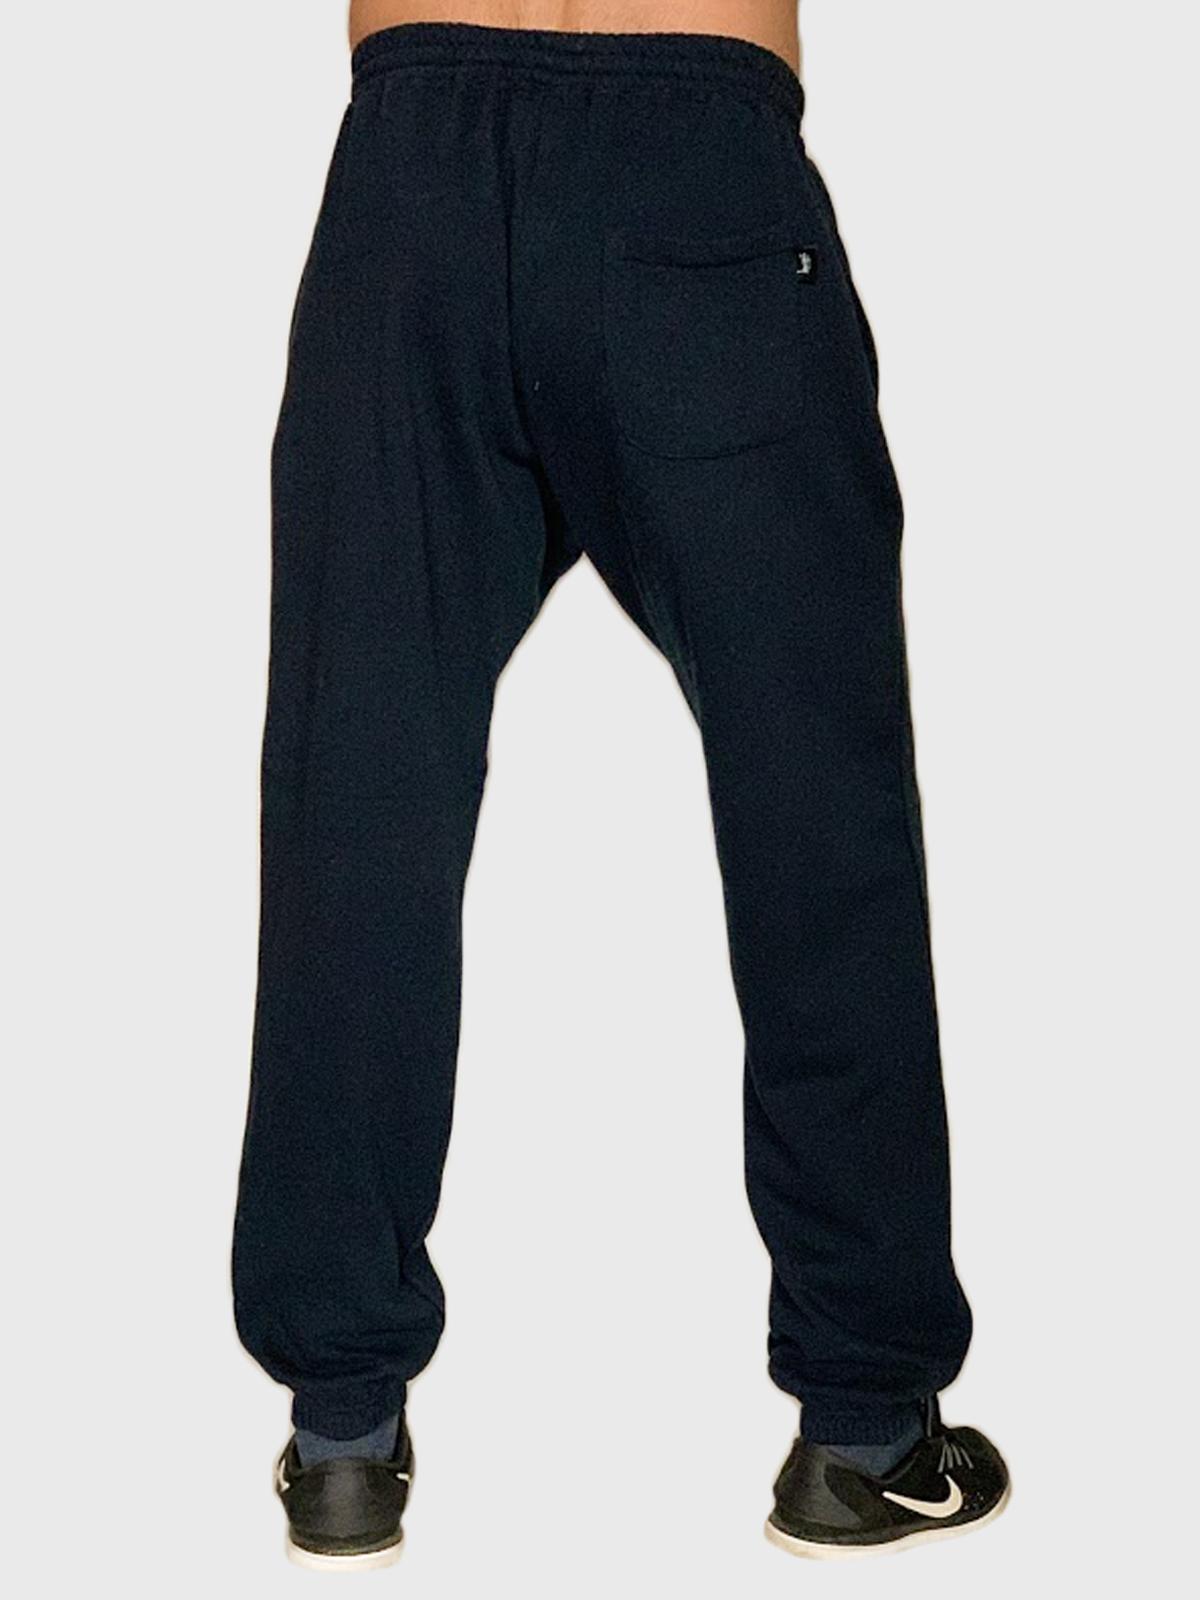 Брендовые мужские штаны с резинкой внизу